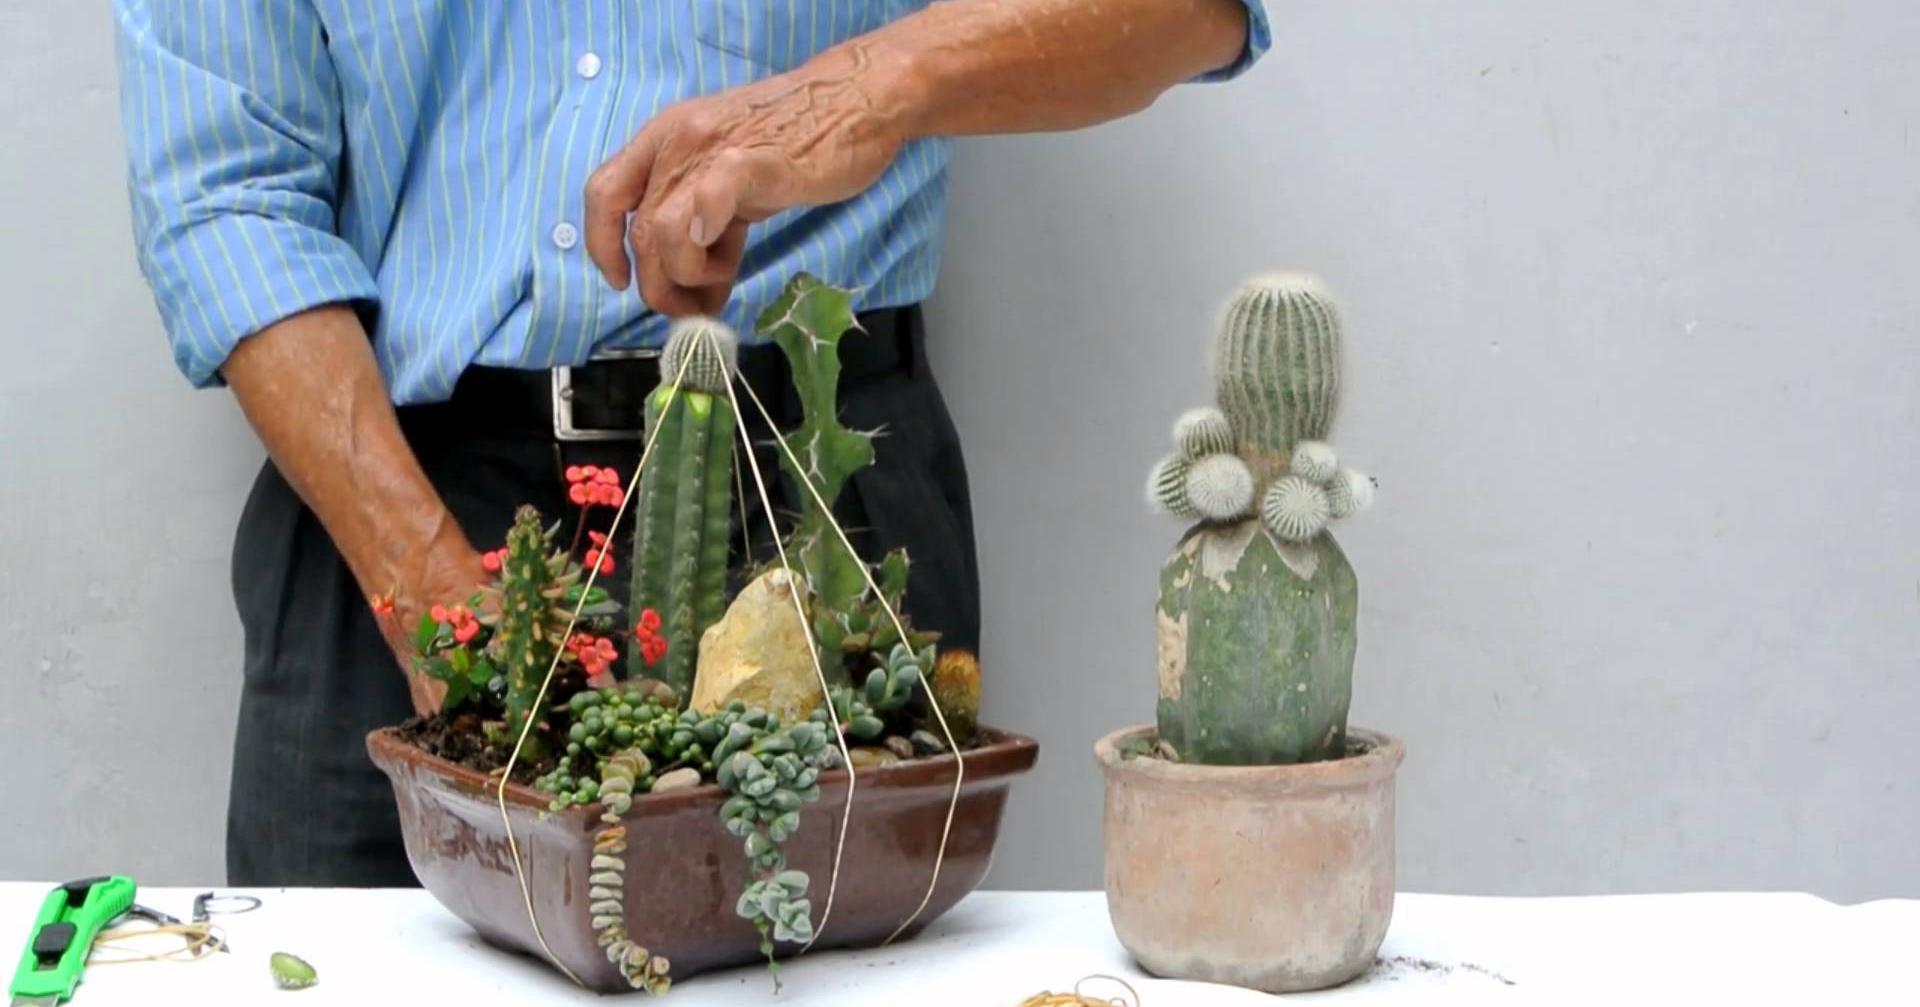 Arreglos jardines pequenos for Arreglo jardines pequenos